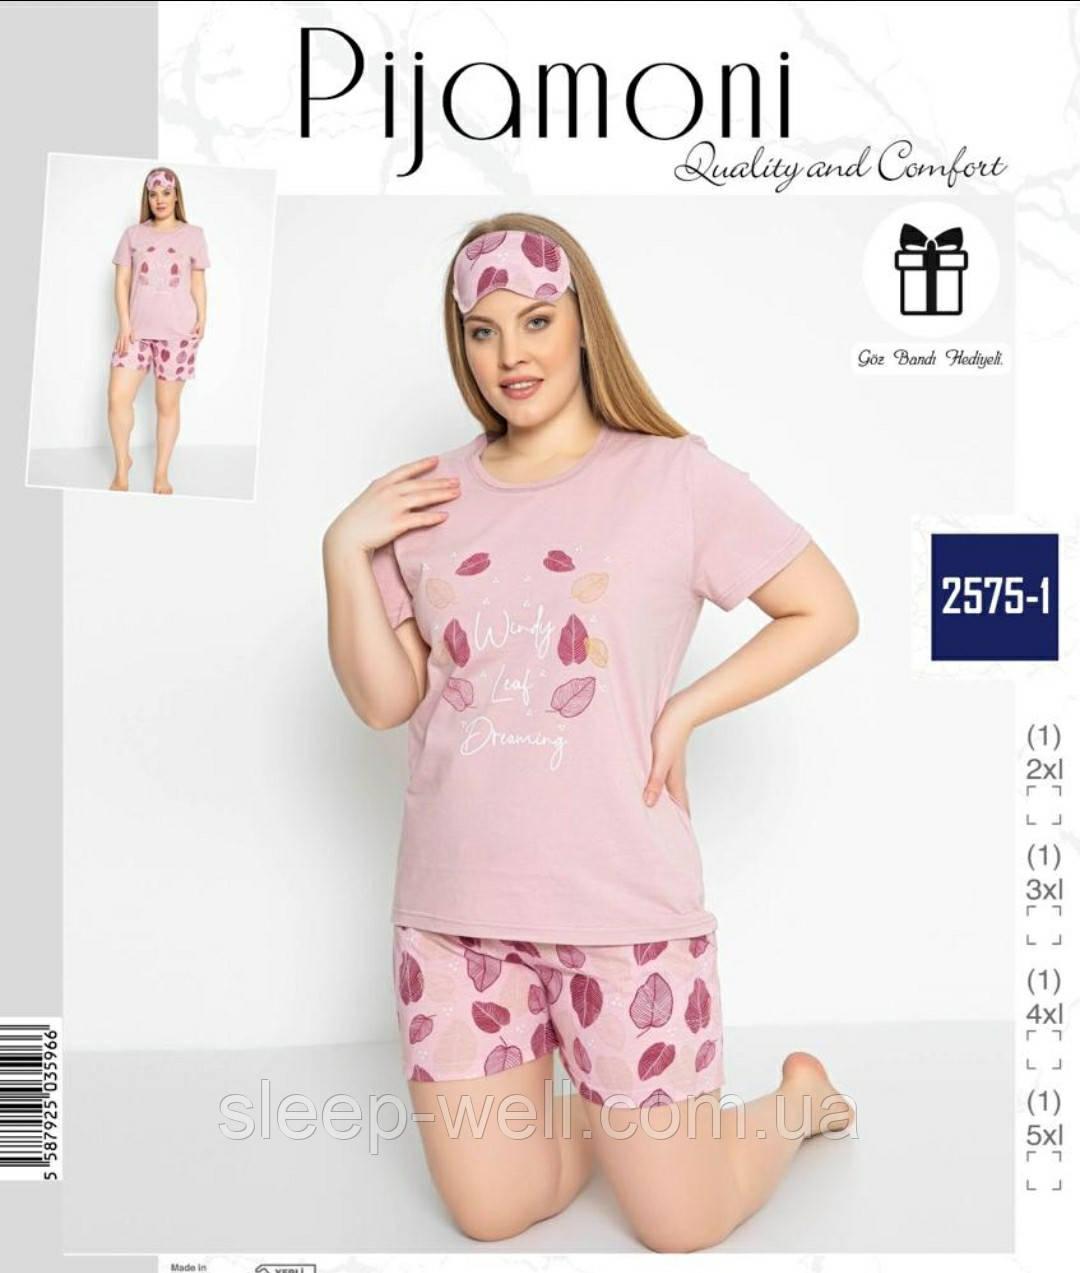 Піжама великих розмірів,Pigamoni 2575-1